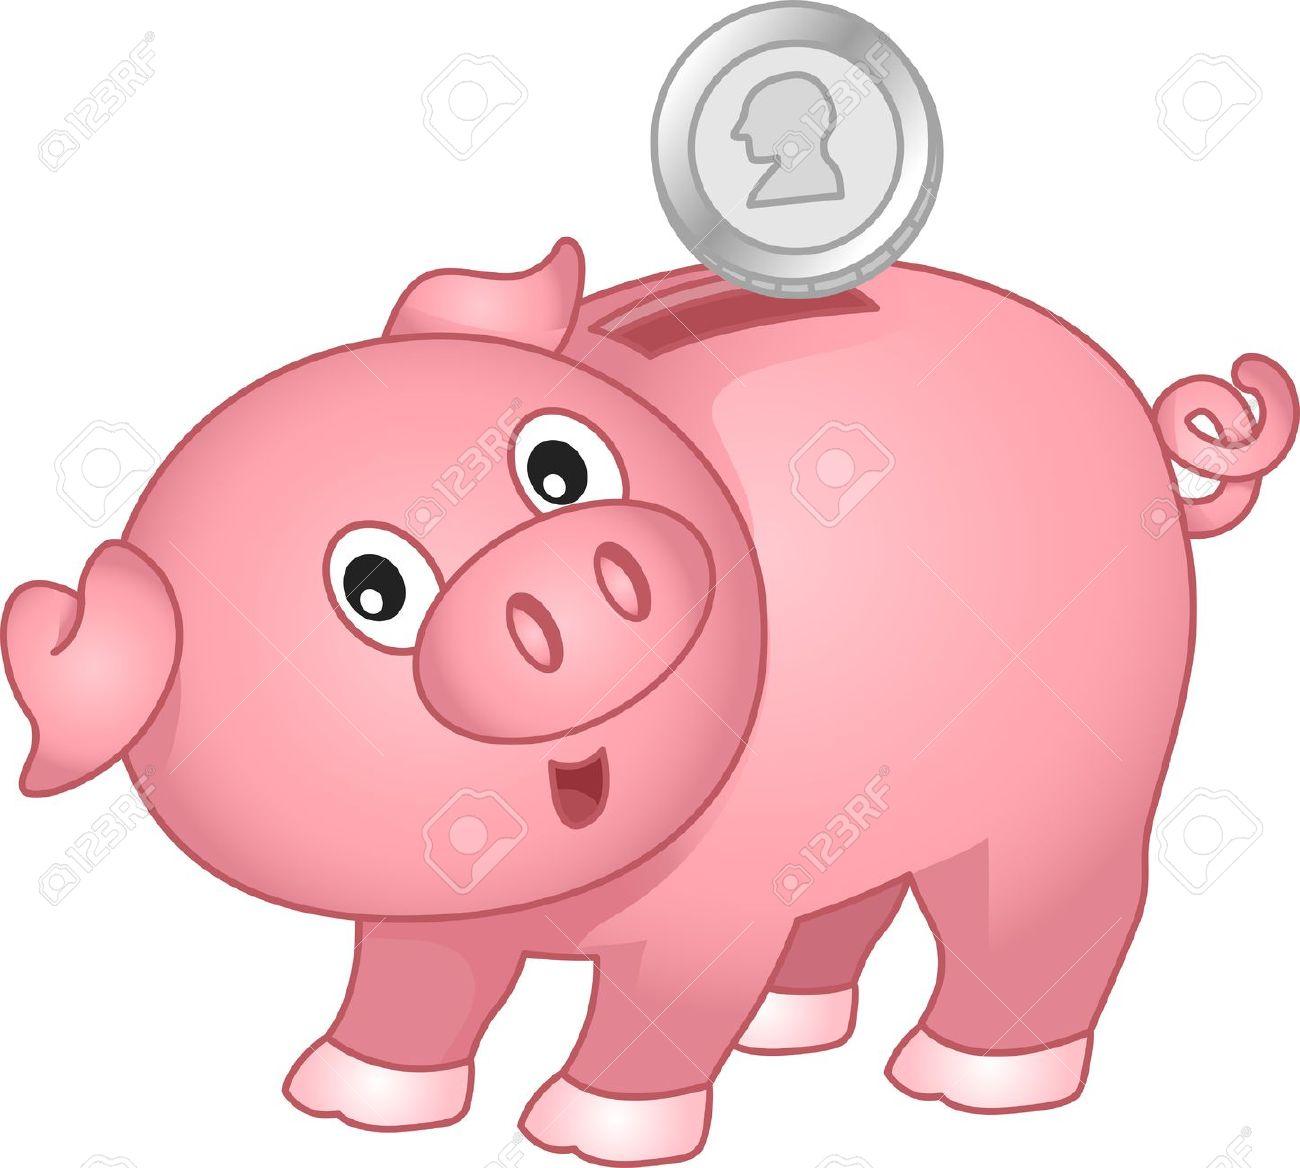 Hbcu money s top. Bank clipart school